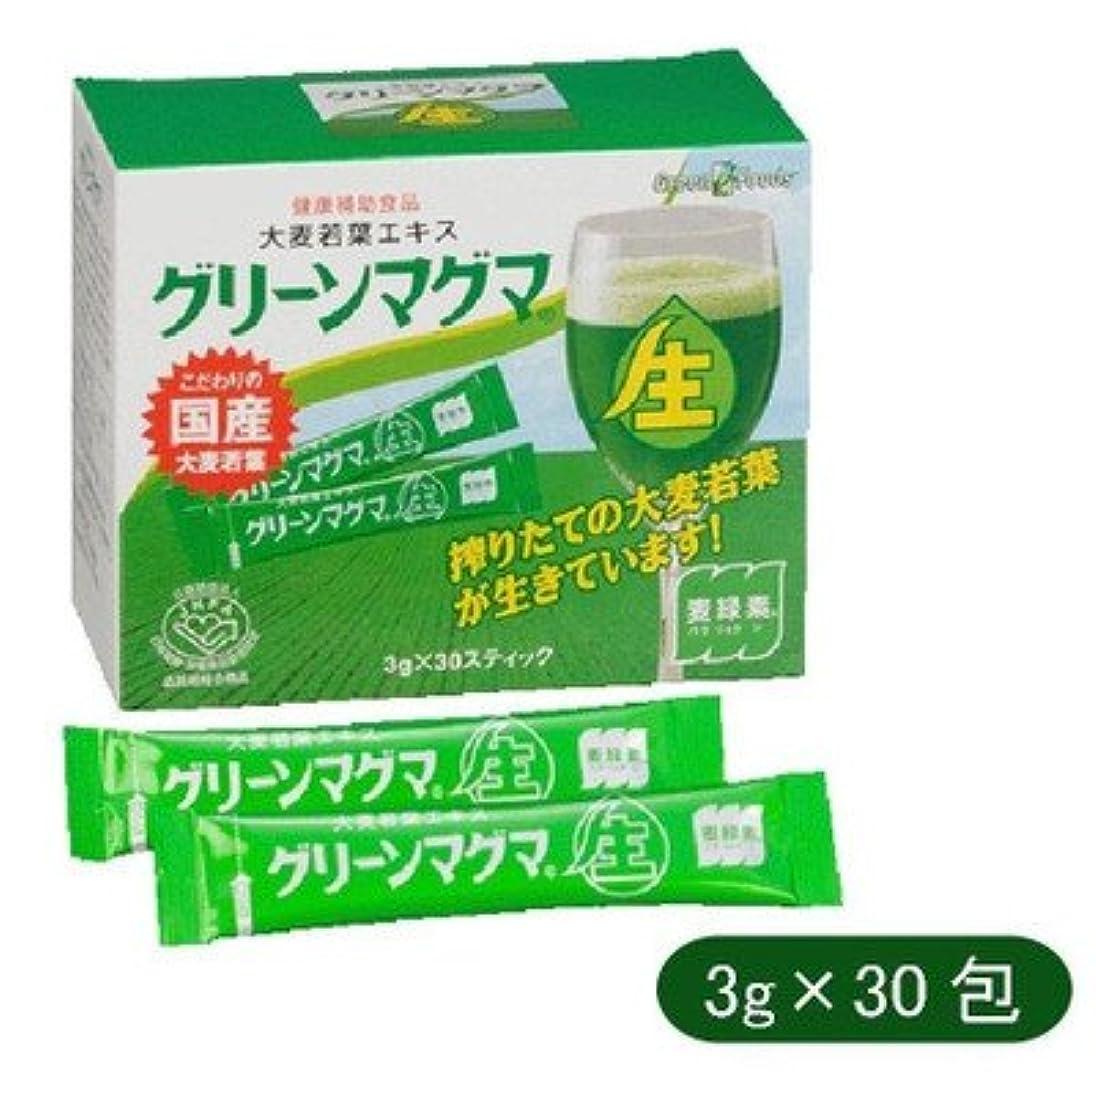 ナサニエル区従事したアクセサリー日本薬品開発 大麦若葉エキス グリーンマグマ 3g×30包 642670